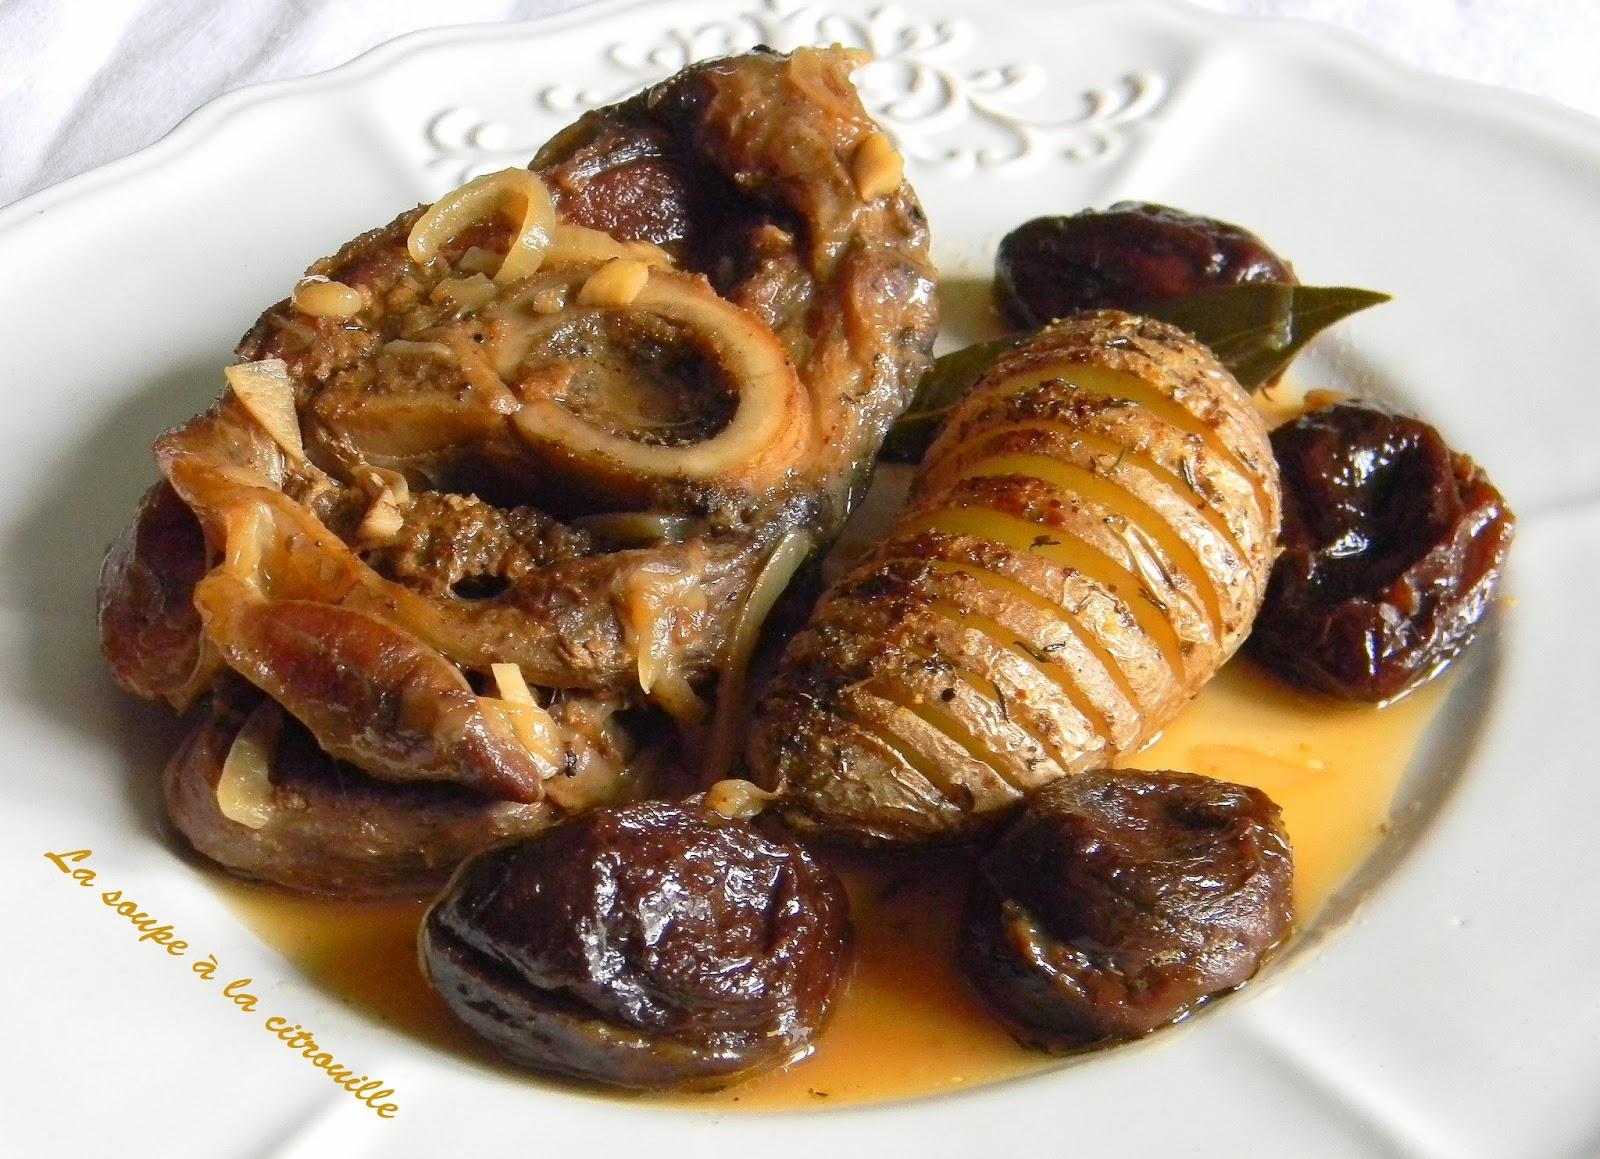 La soupe la citrouille jarret de veau brais au cidre - Cuisiner jarret de veau ...